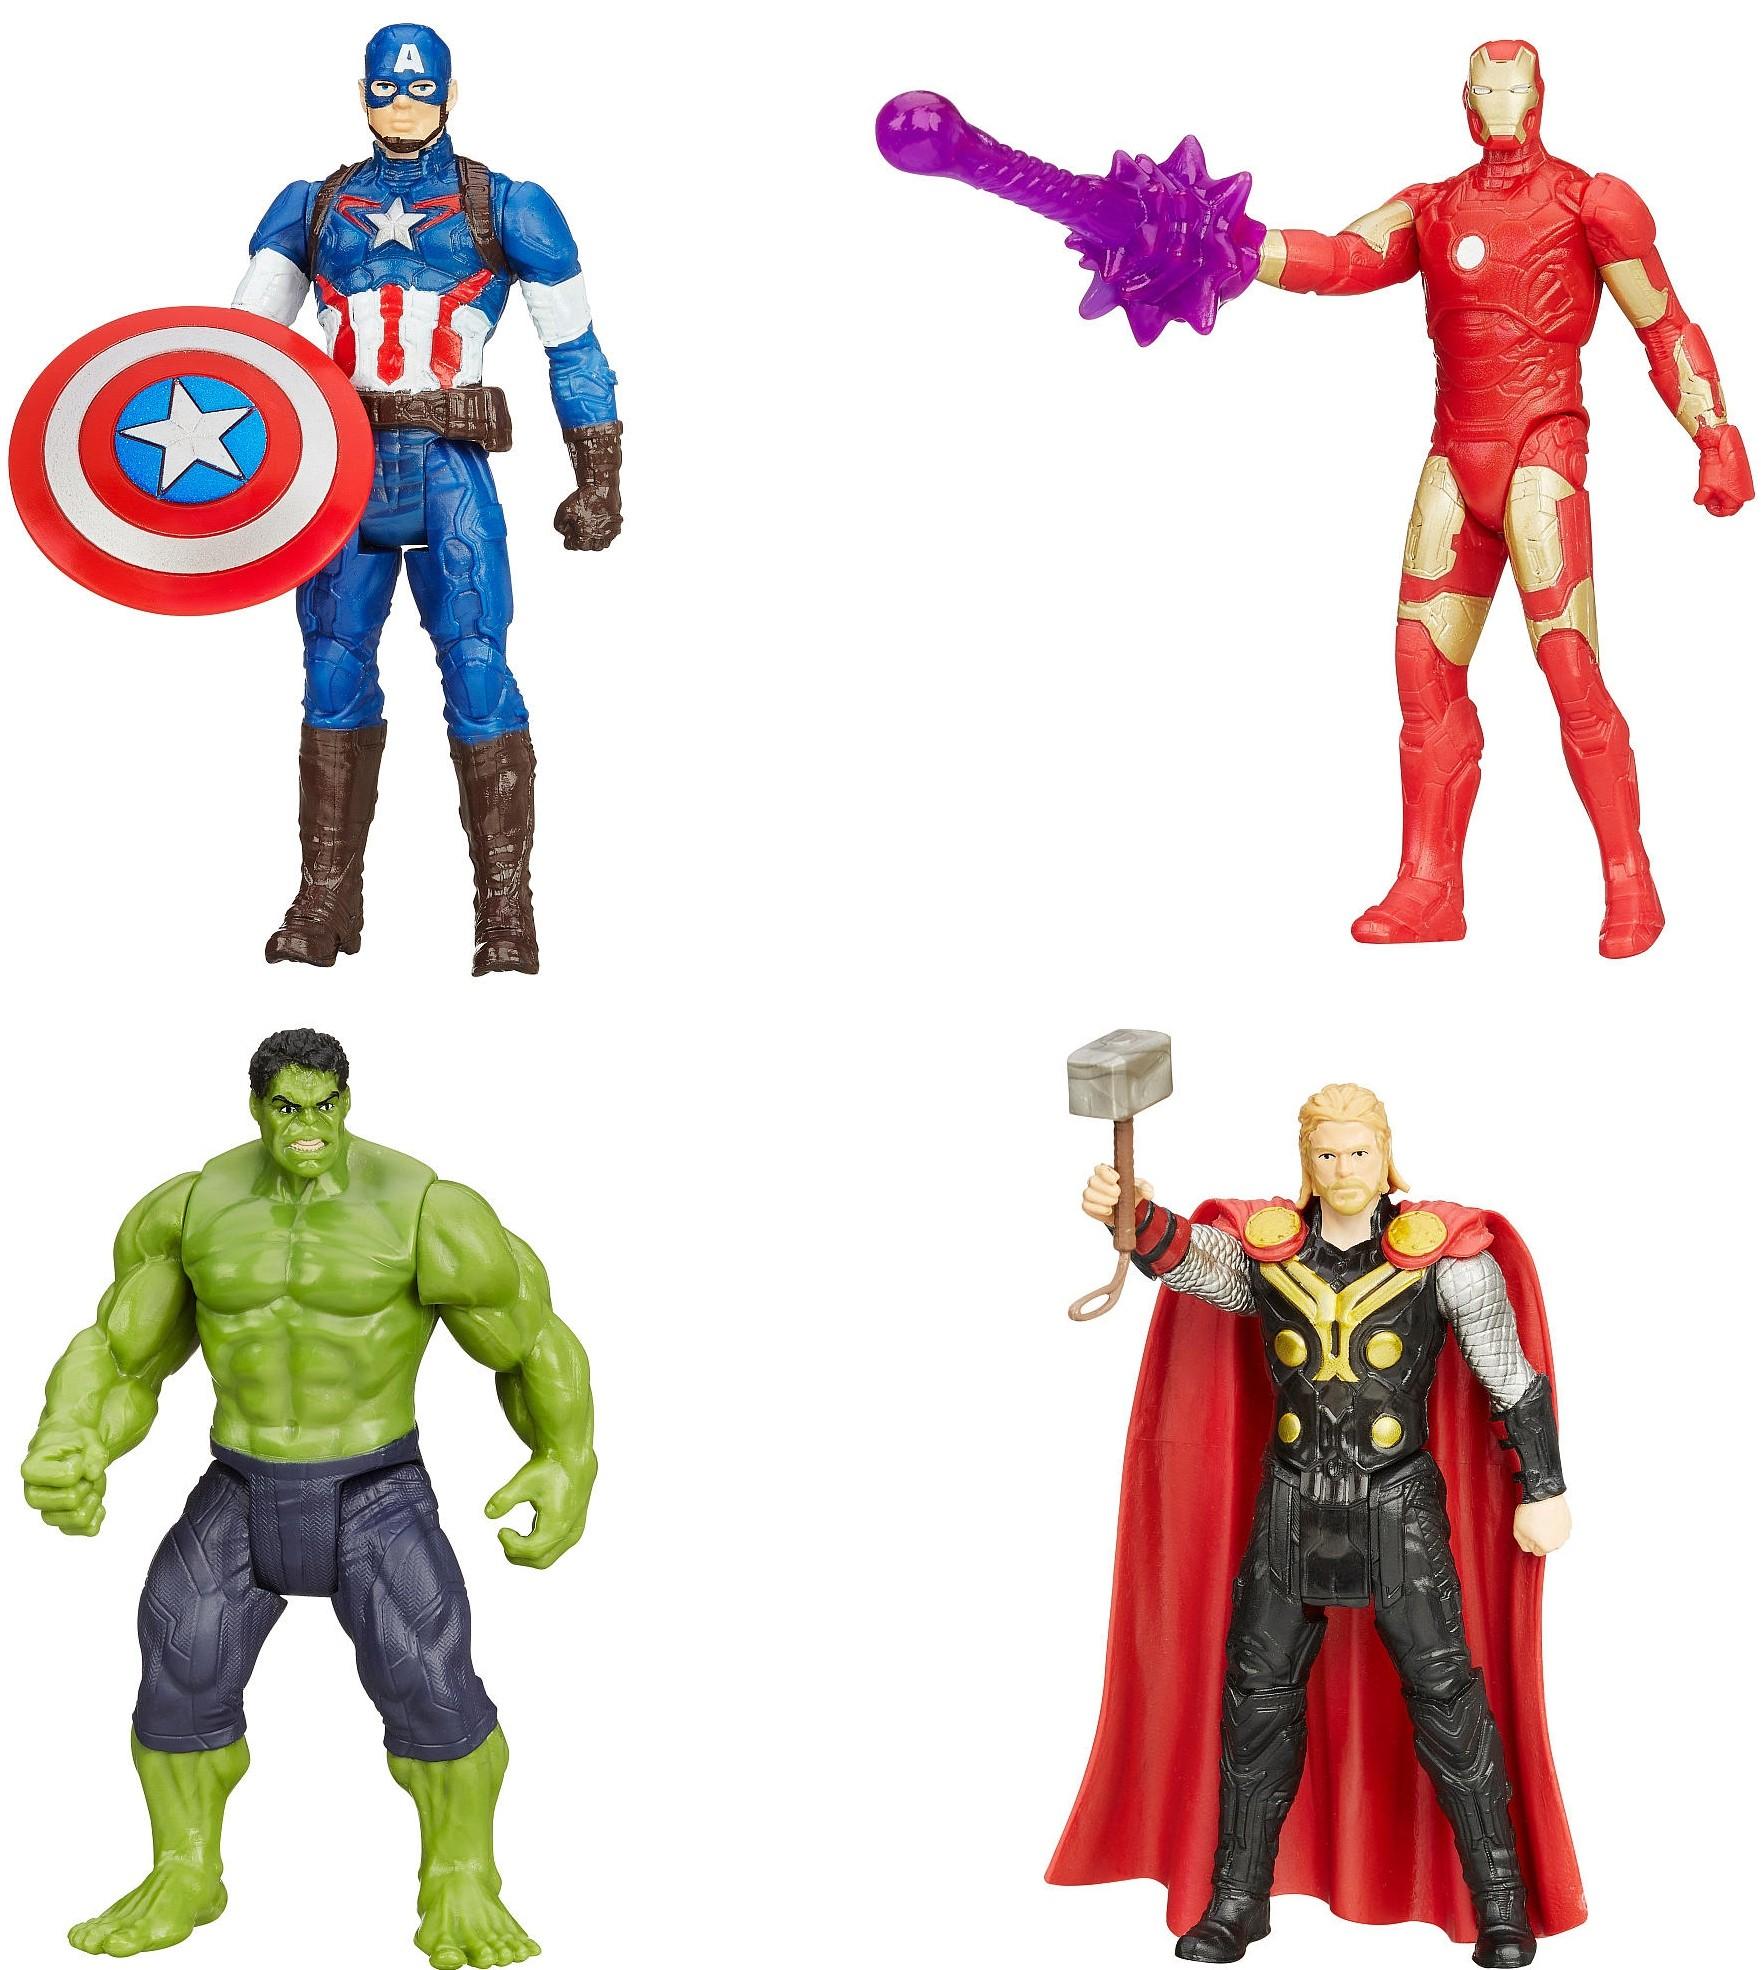 Avengers Avengers Фигурка Hasbro «Мстители: Эра Альтрона» 9,5 см в асс. капитан америка удивительный человек паук 2 железный человек перчатки мультфильм детей игрушки передатчик